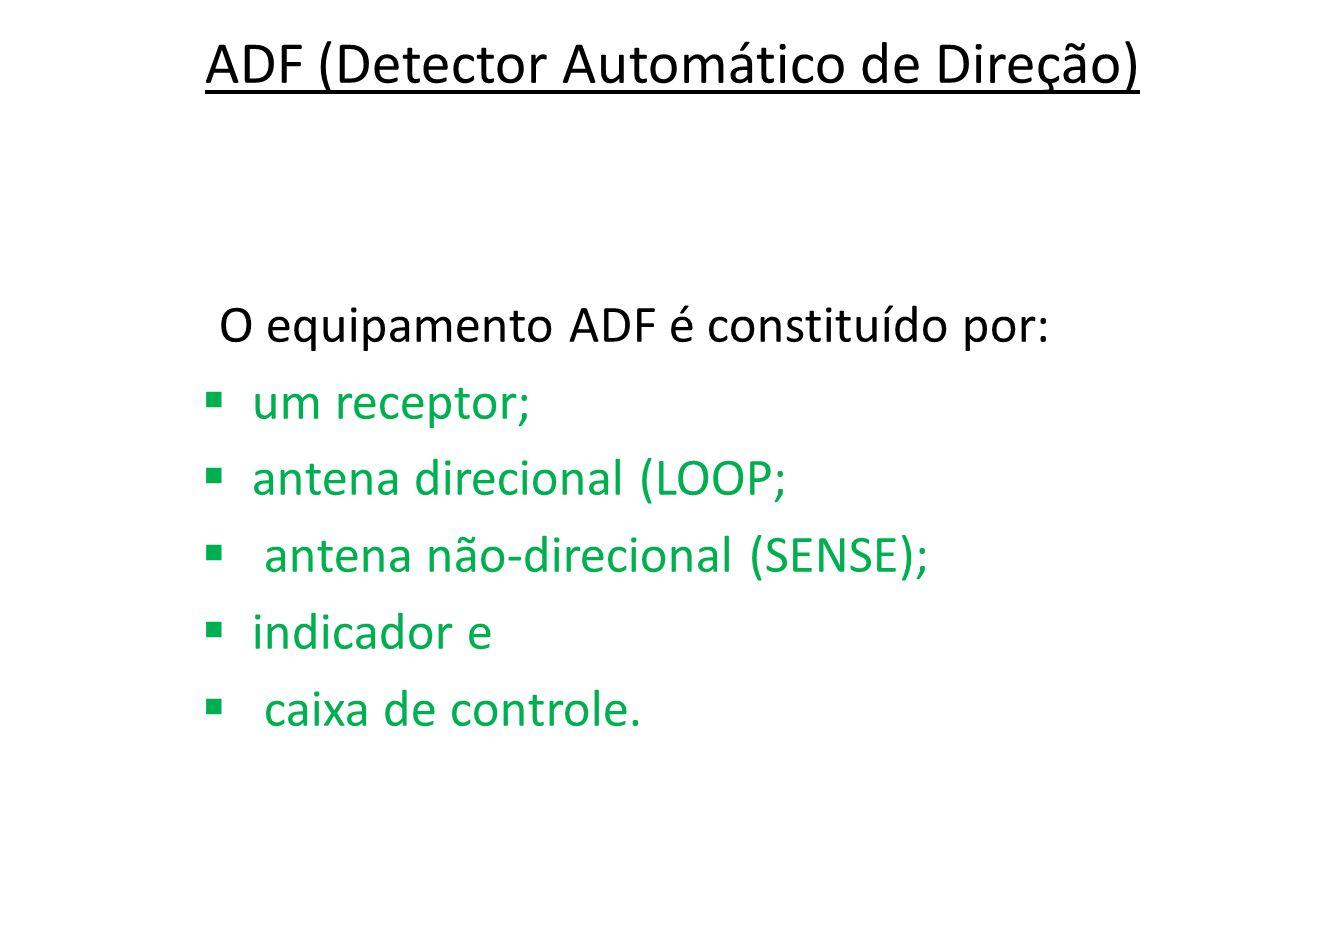 ADF (Detector Automático de Direção)